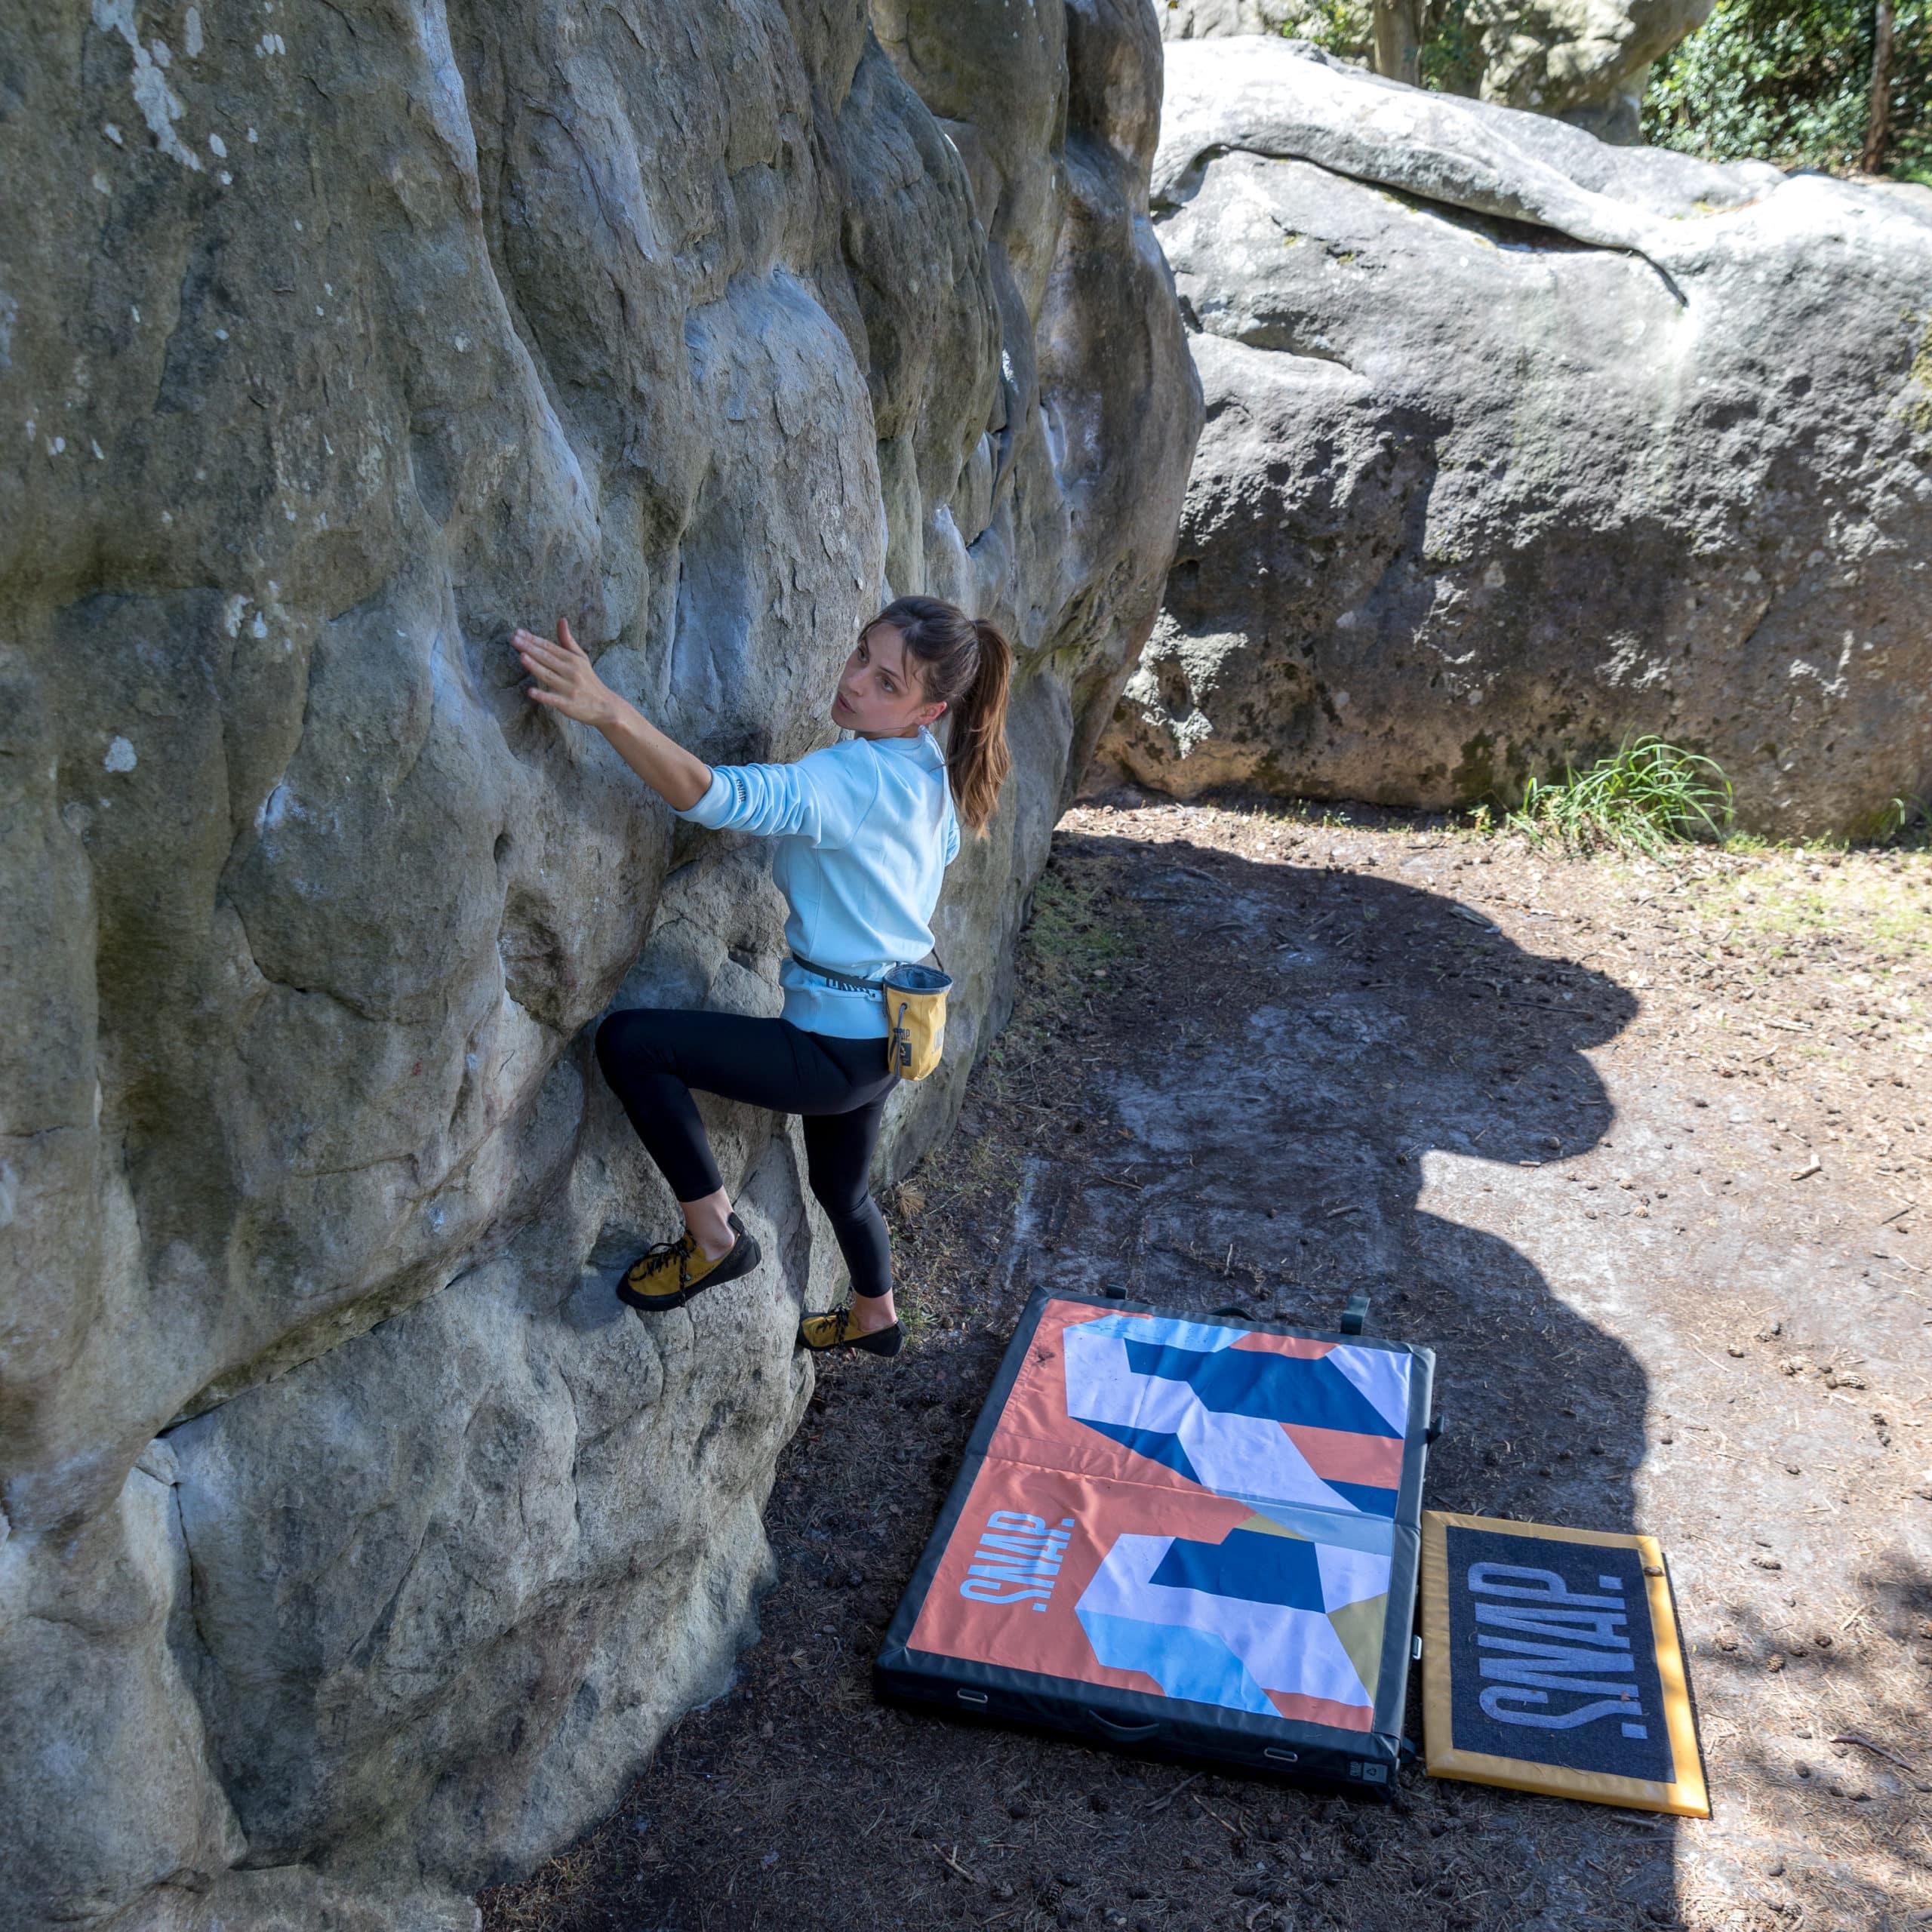 climber girl with black leggings